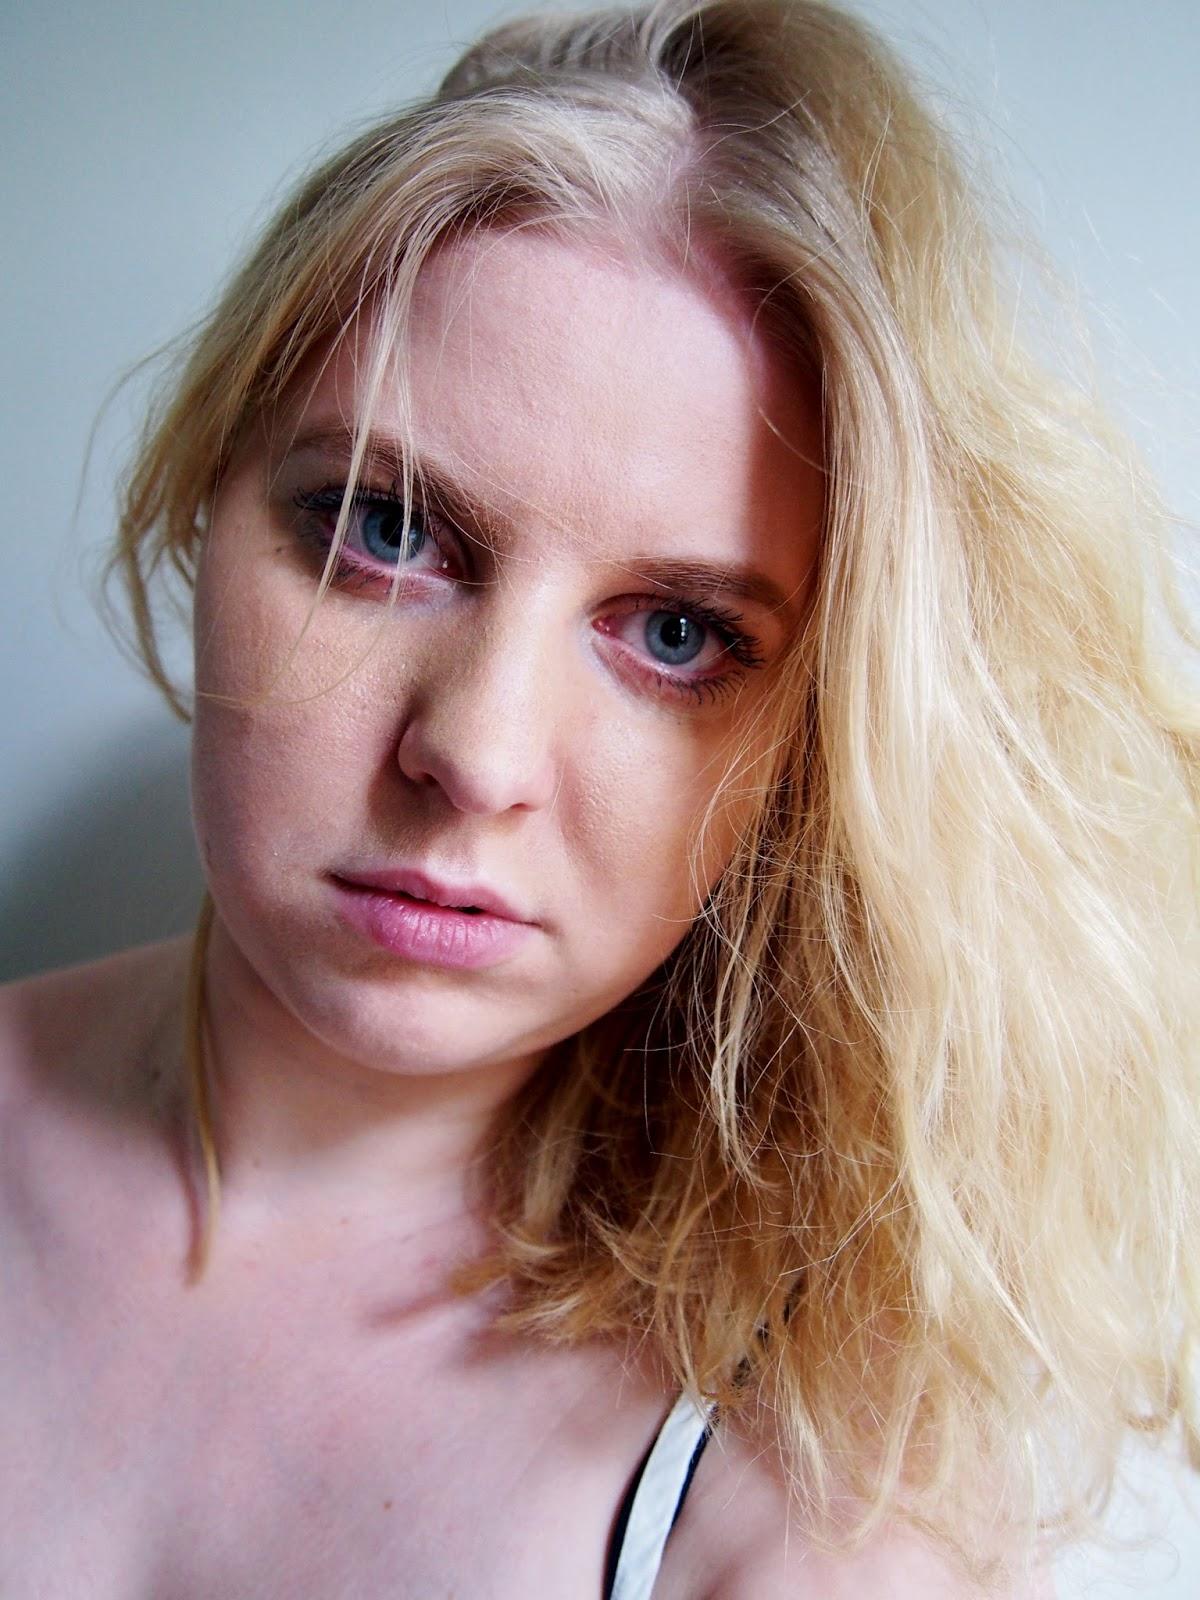 messy hair sotkuinen tukka hiukset kauneus fashion fashionista beauty kaunis nainen women